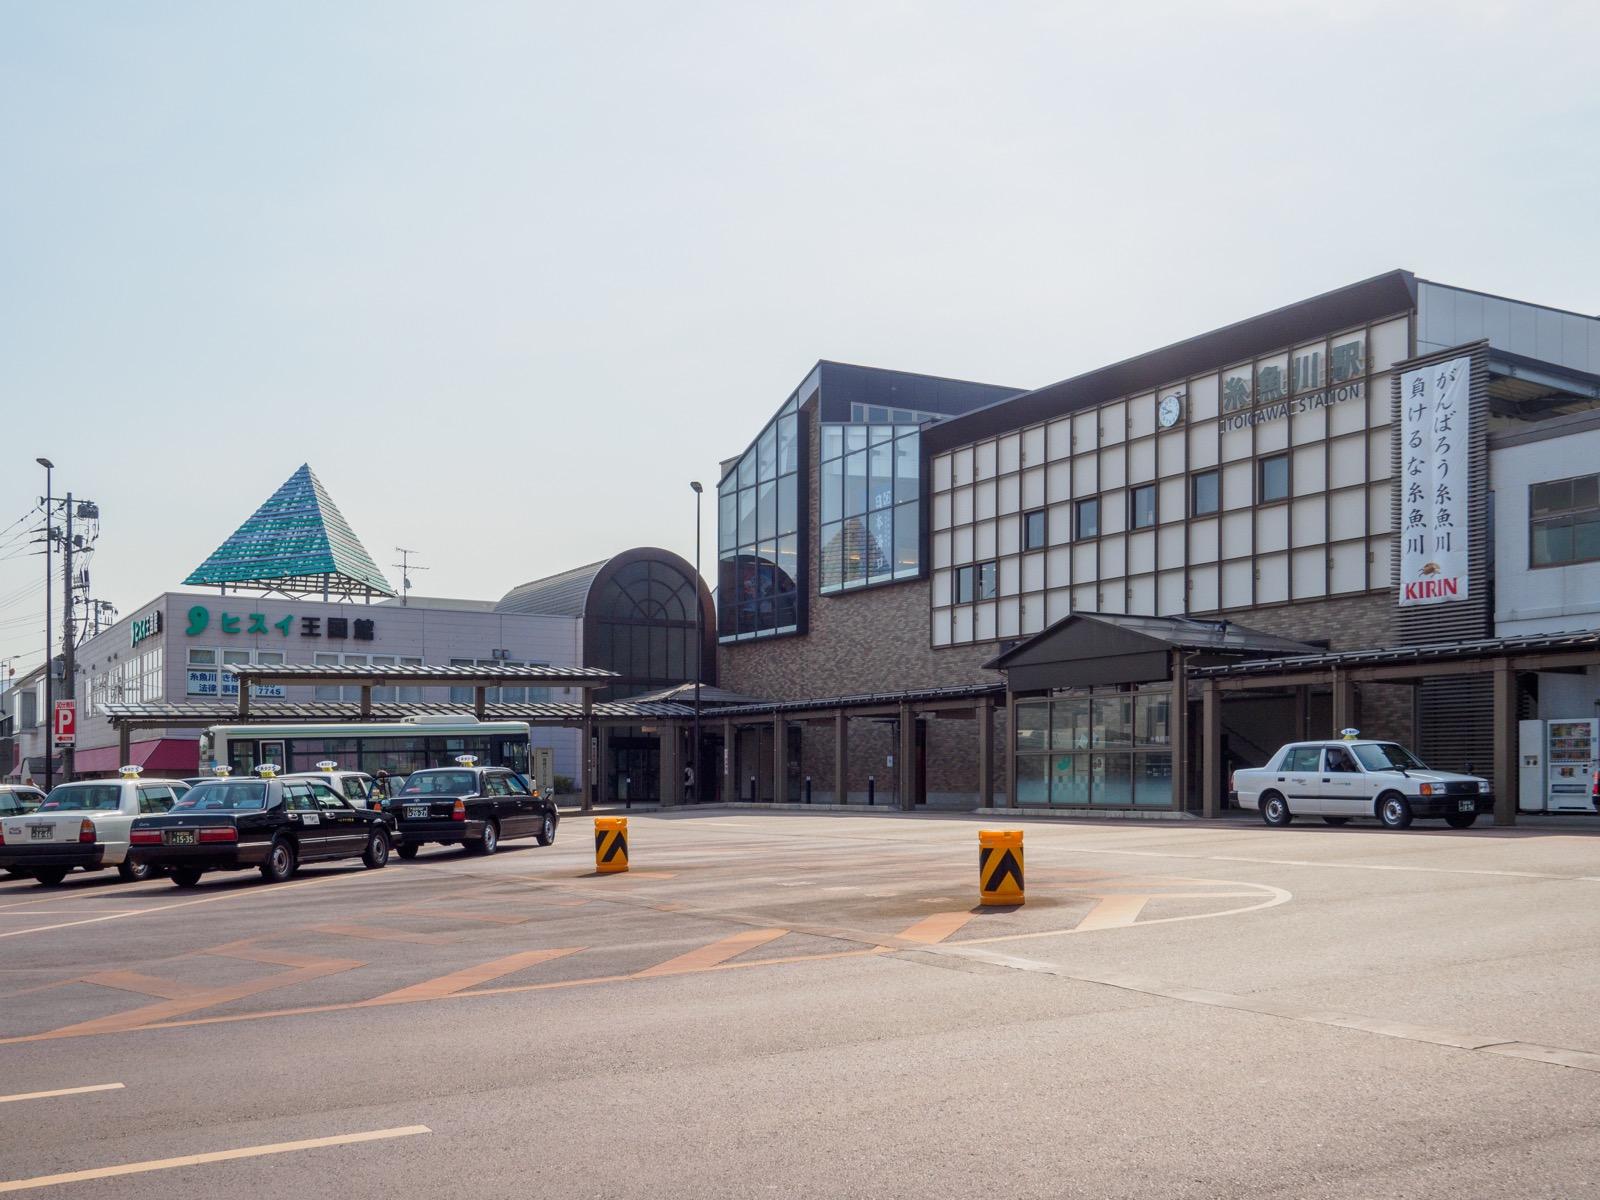 糸魚川駅日本海口(北口)の駅舎(2017年4月)